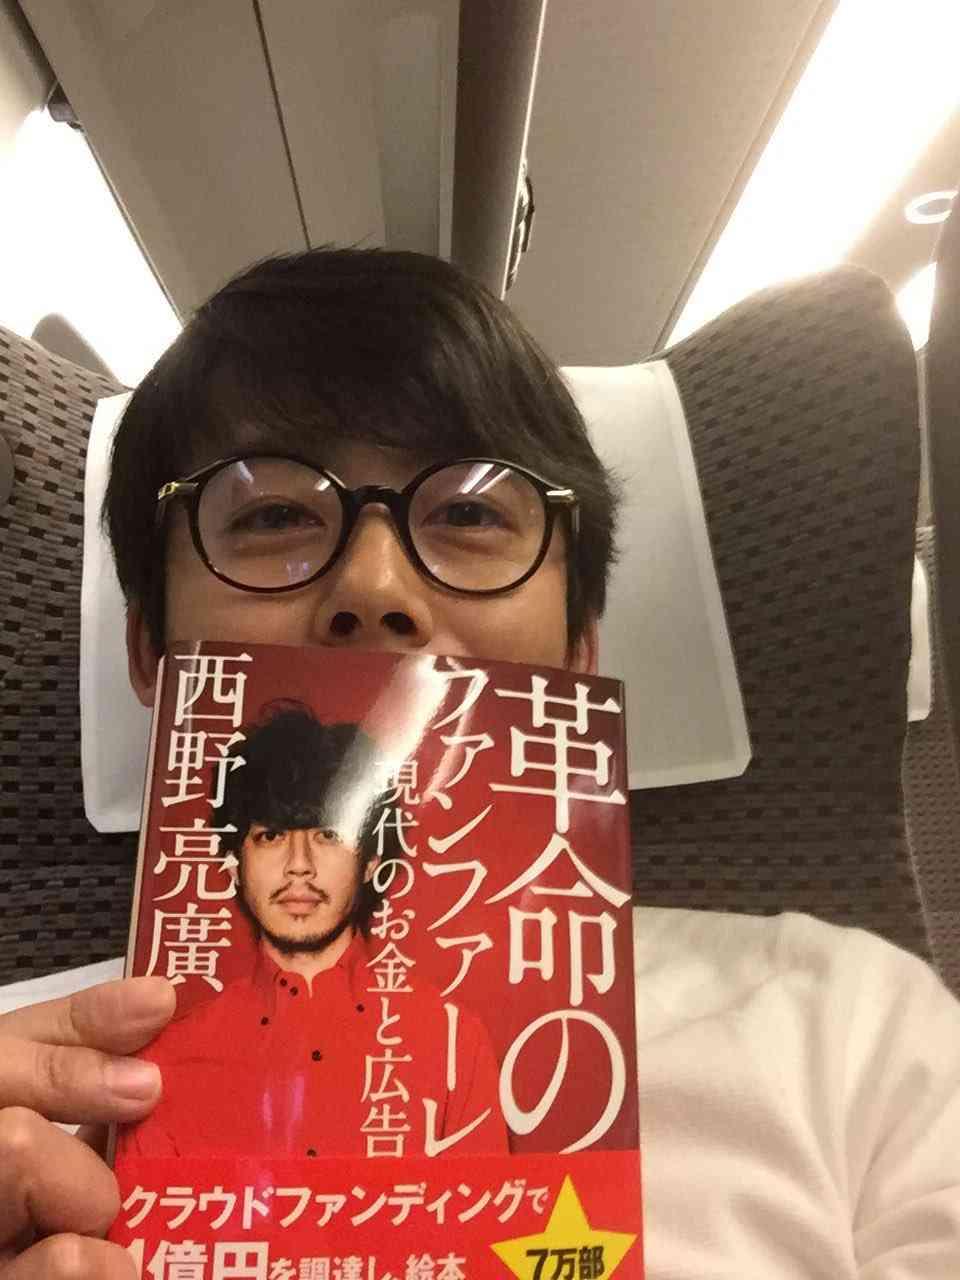 キンコン西野亮廣、貯金額は「1億弱」と告白「すっごいお金を最近稼いでます」